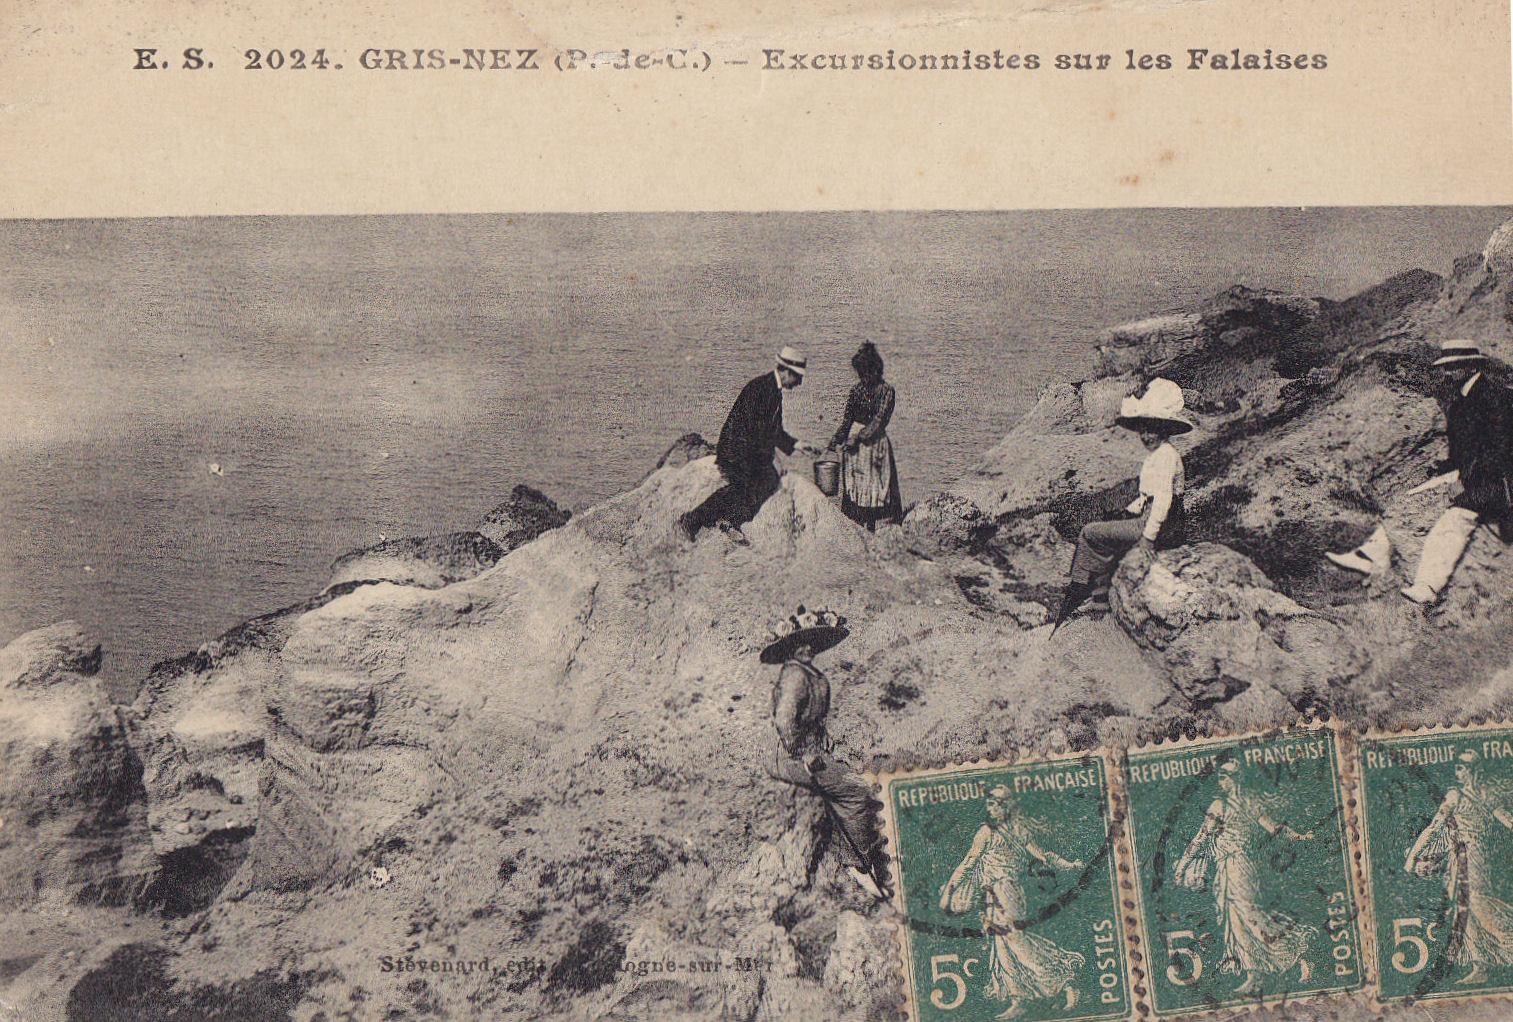 Excursionnistes sur la falaise du Cap Gris Nez